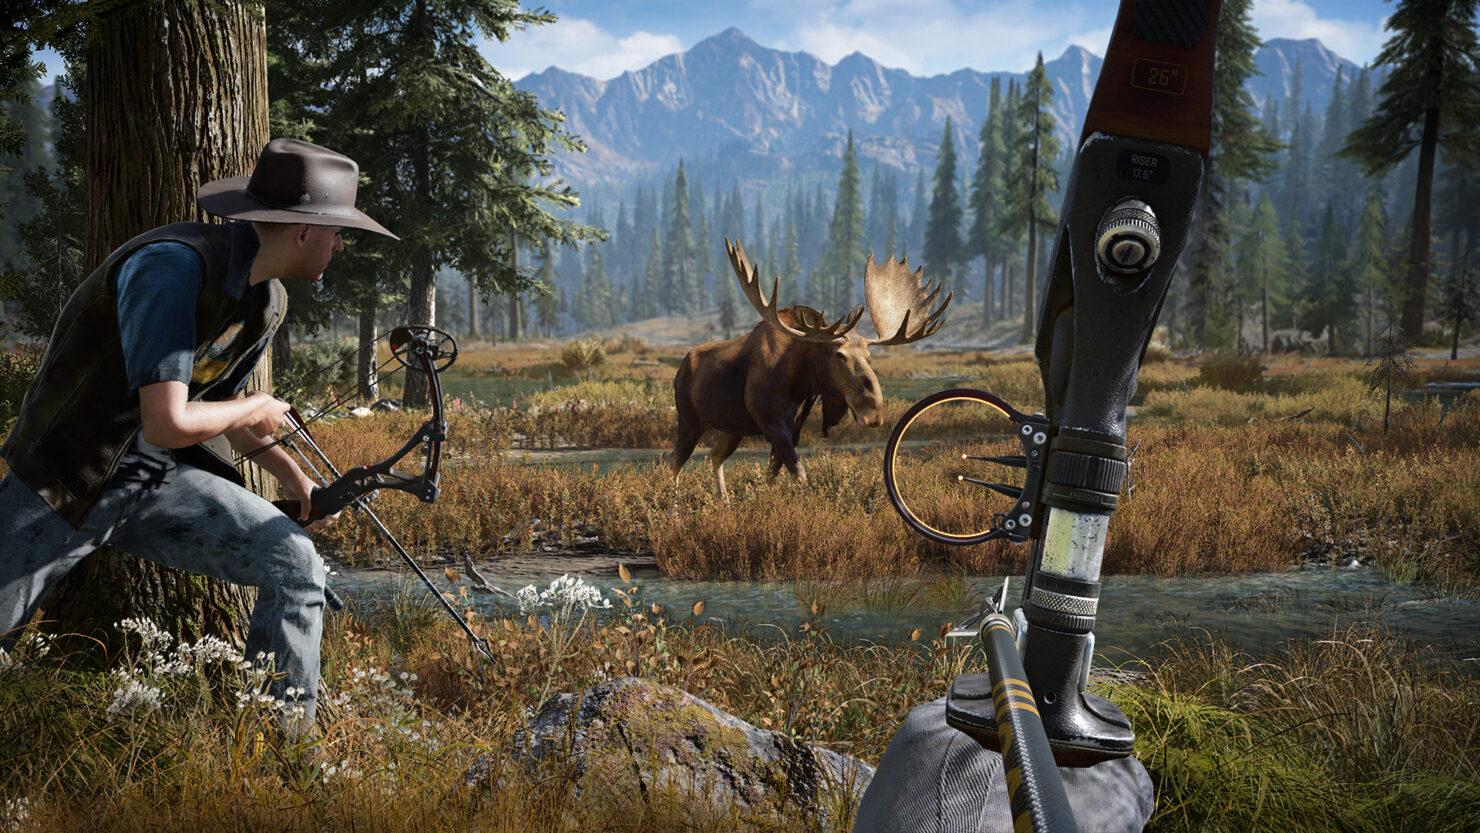 fc5_screenshot_coop_hunting_1080p_1509381150